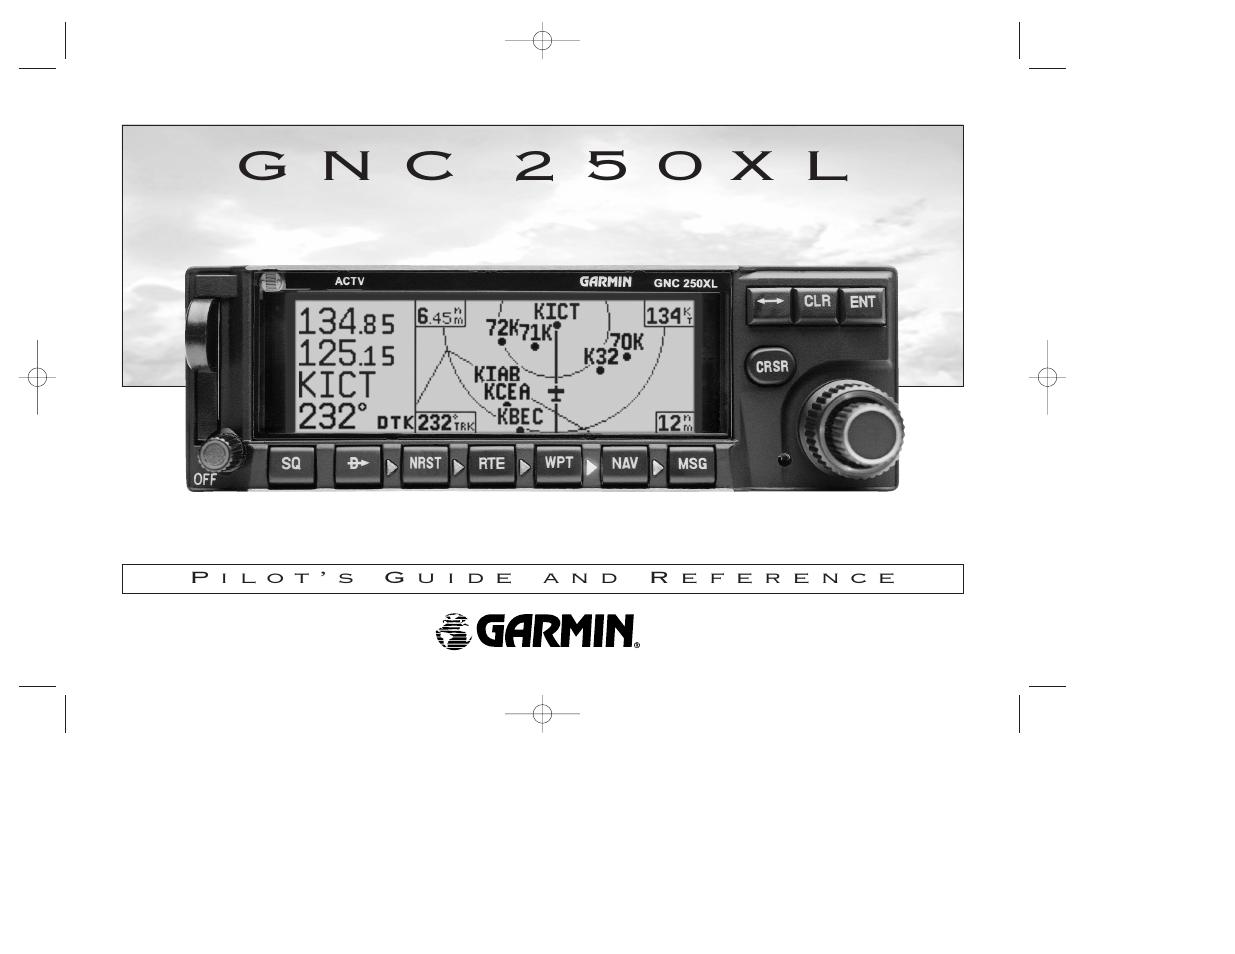 garmin 250xl manual browse manual guides u2022 rh trufflefries co GNC GPS Garmin 300XL Review